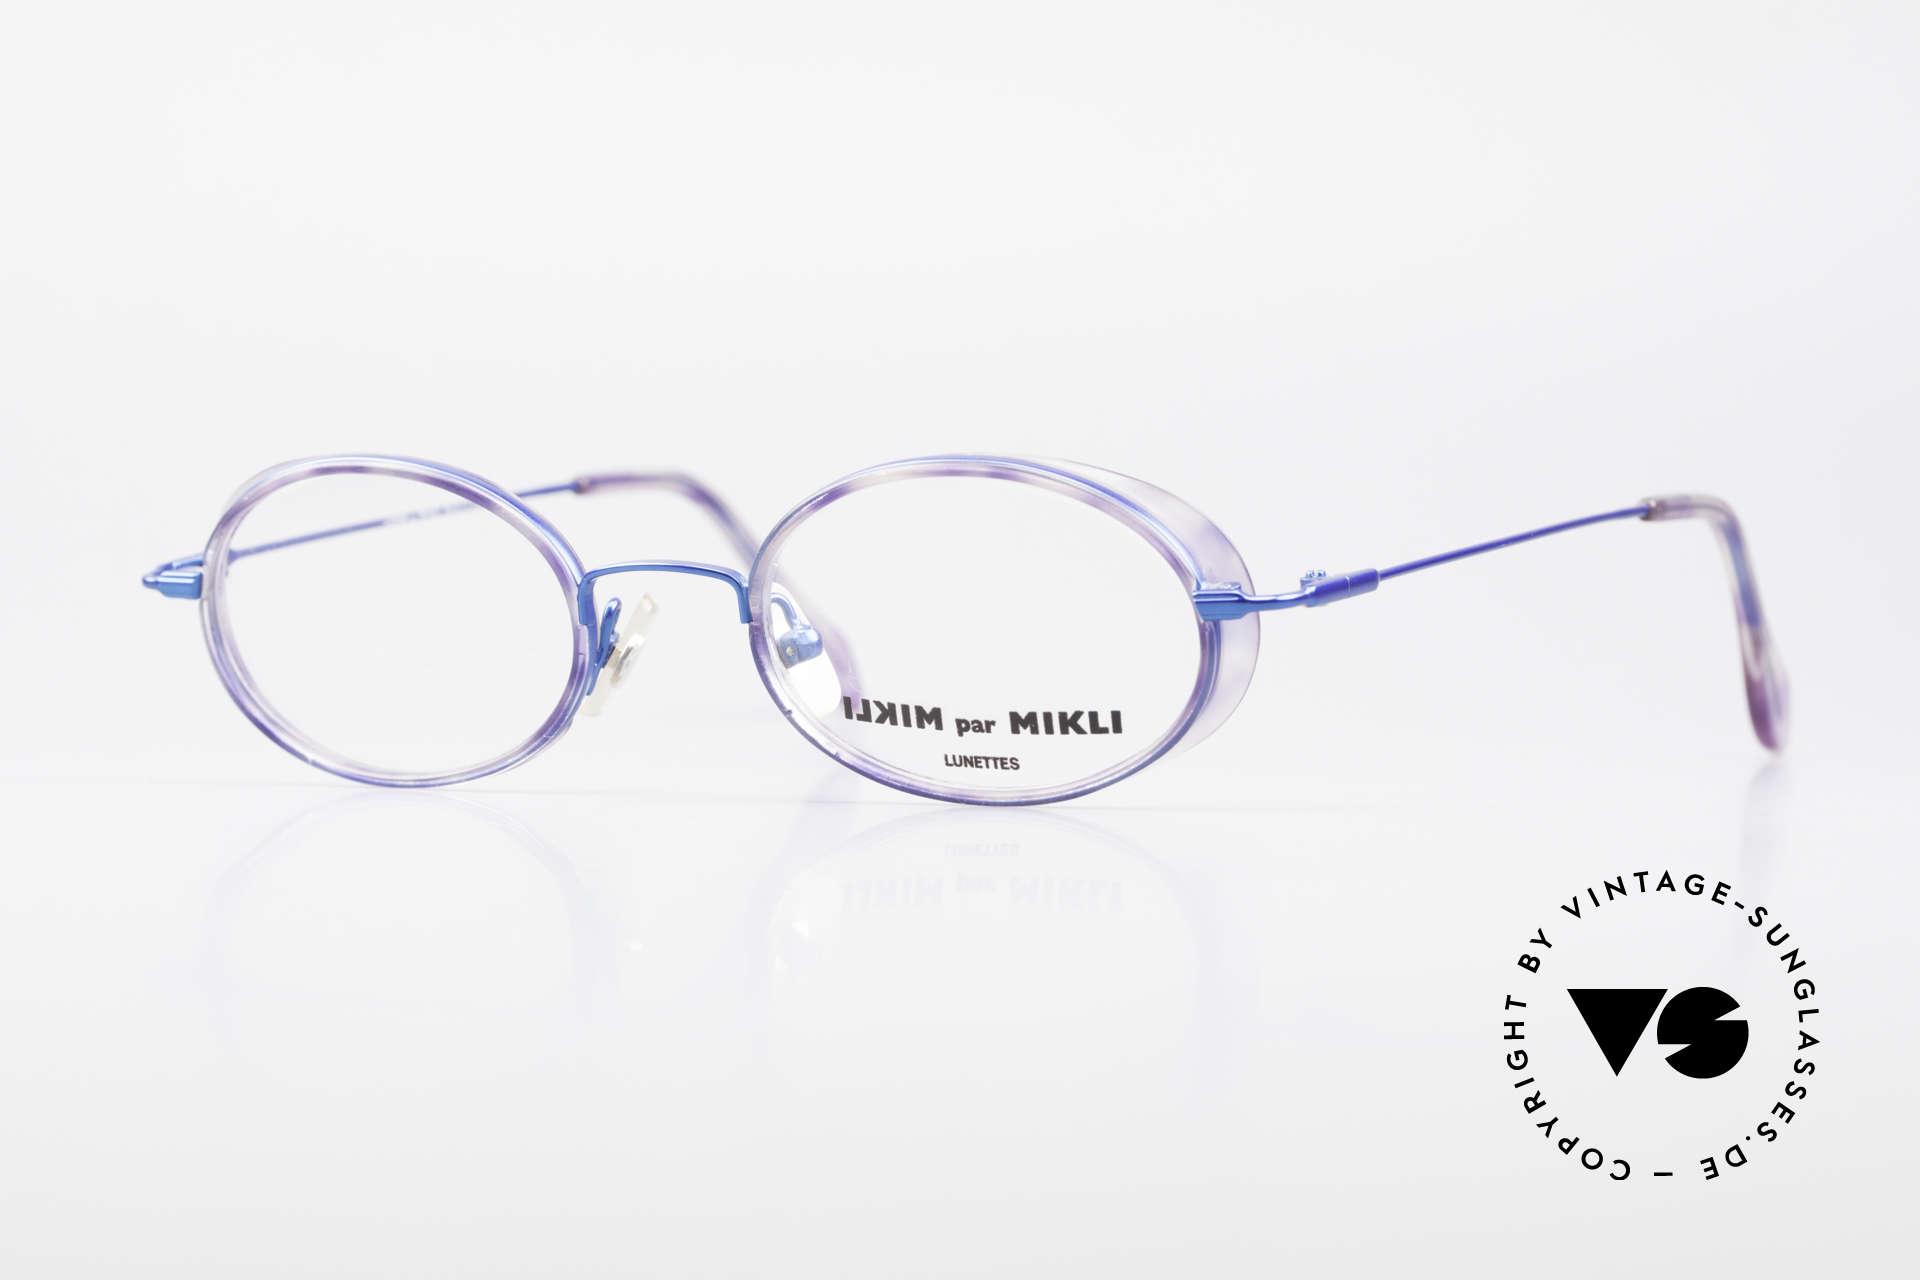 Alain Mikli 6719 / 2403 Designer Ladies Vintage Frame, lovely vintage designer eyeglasses by Alain Mikli, Paris, Made for Women